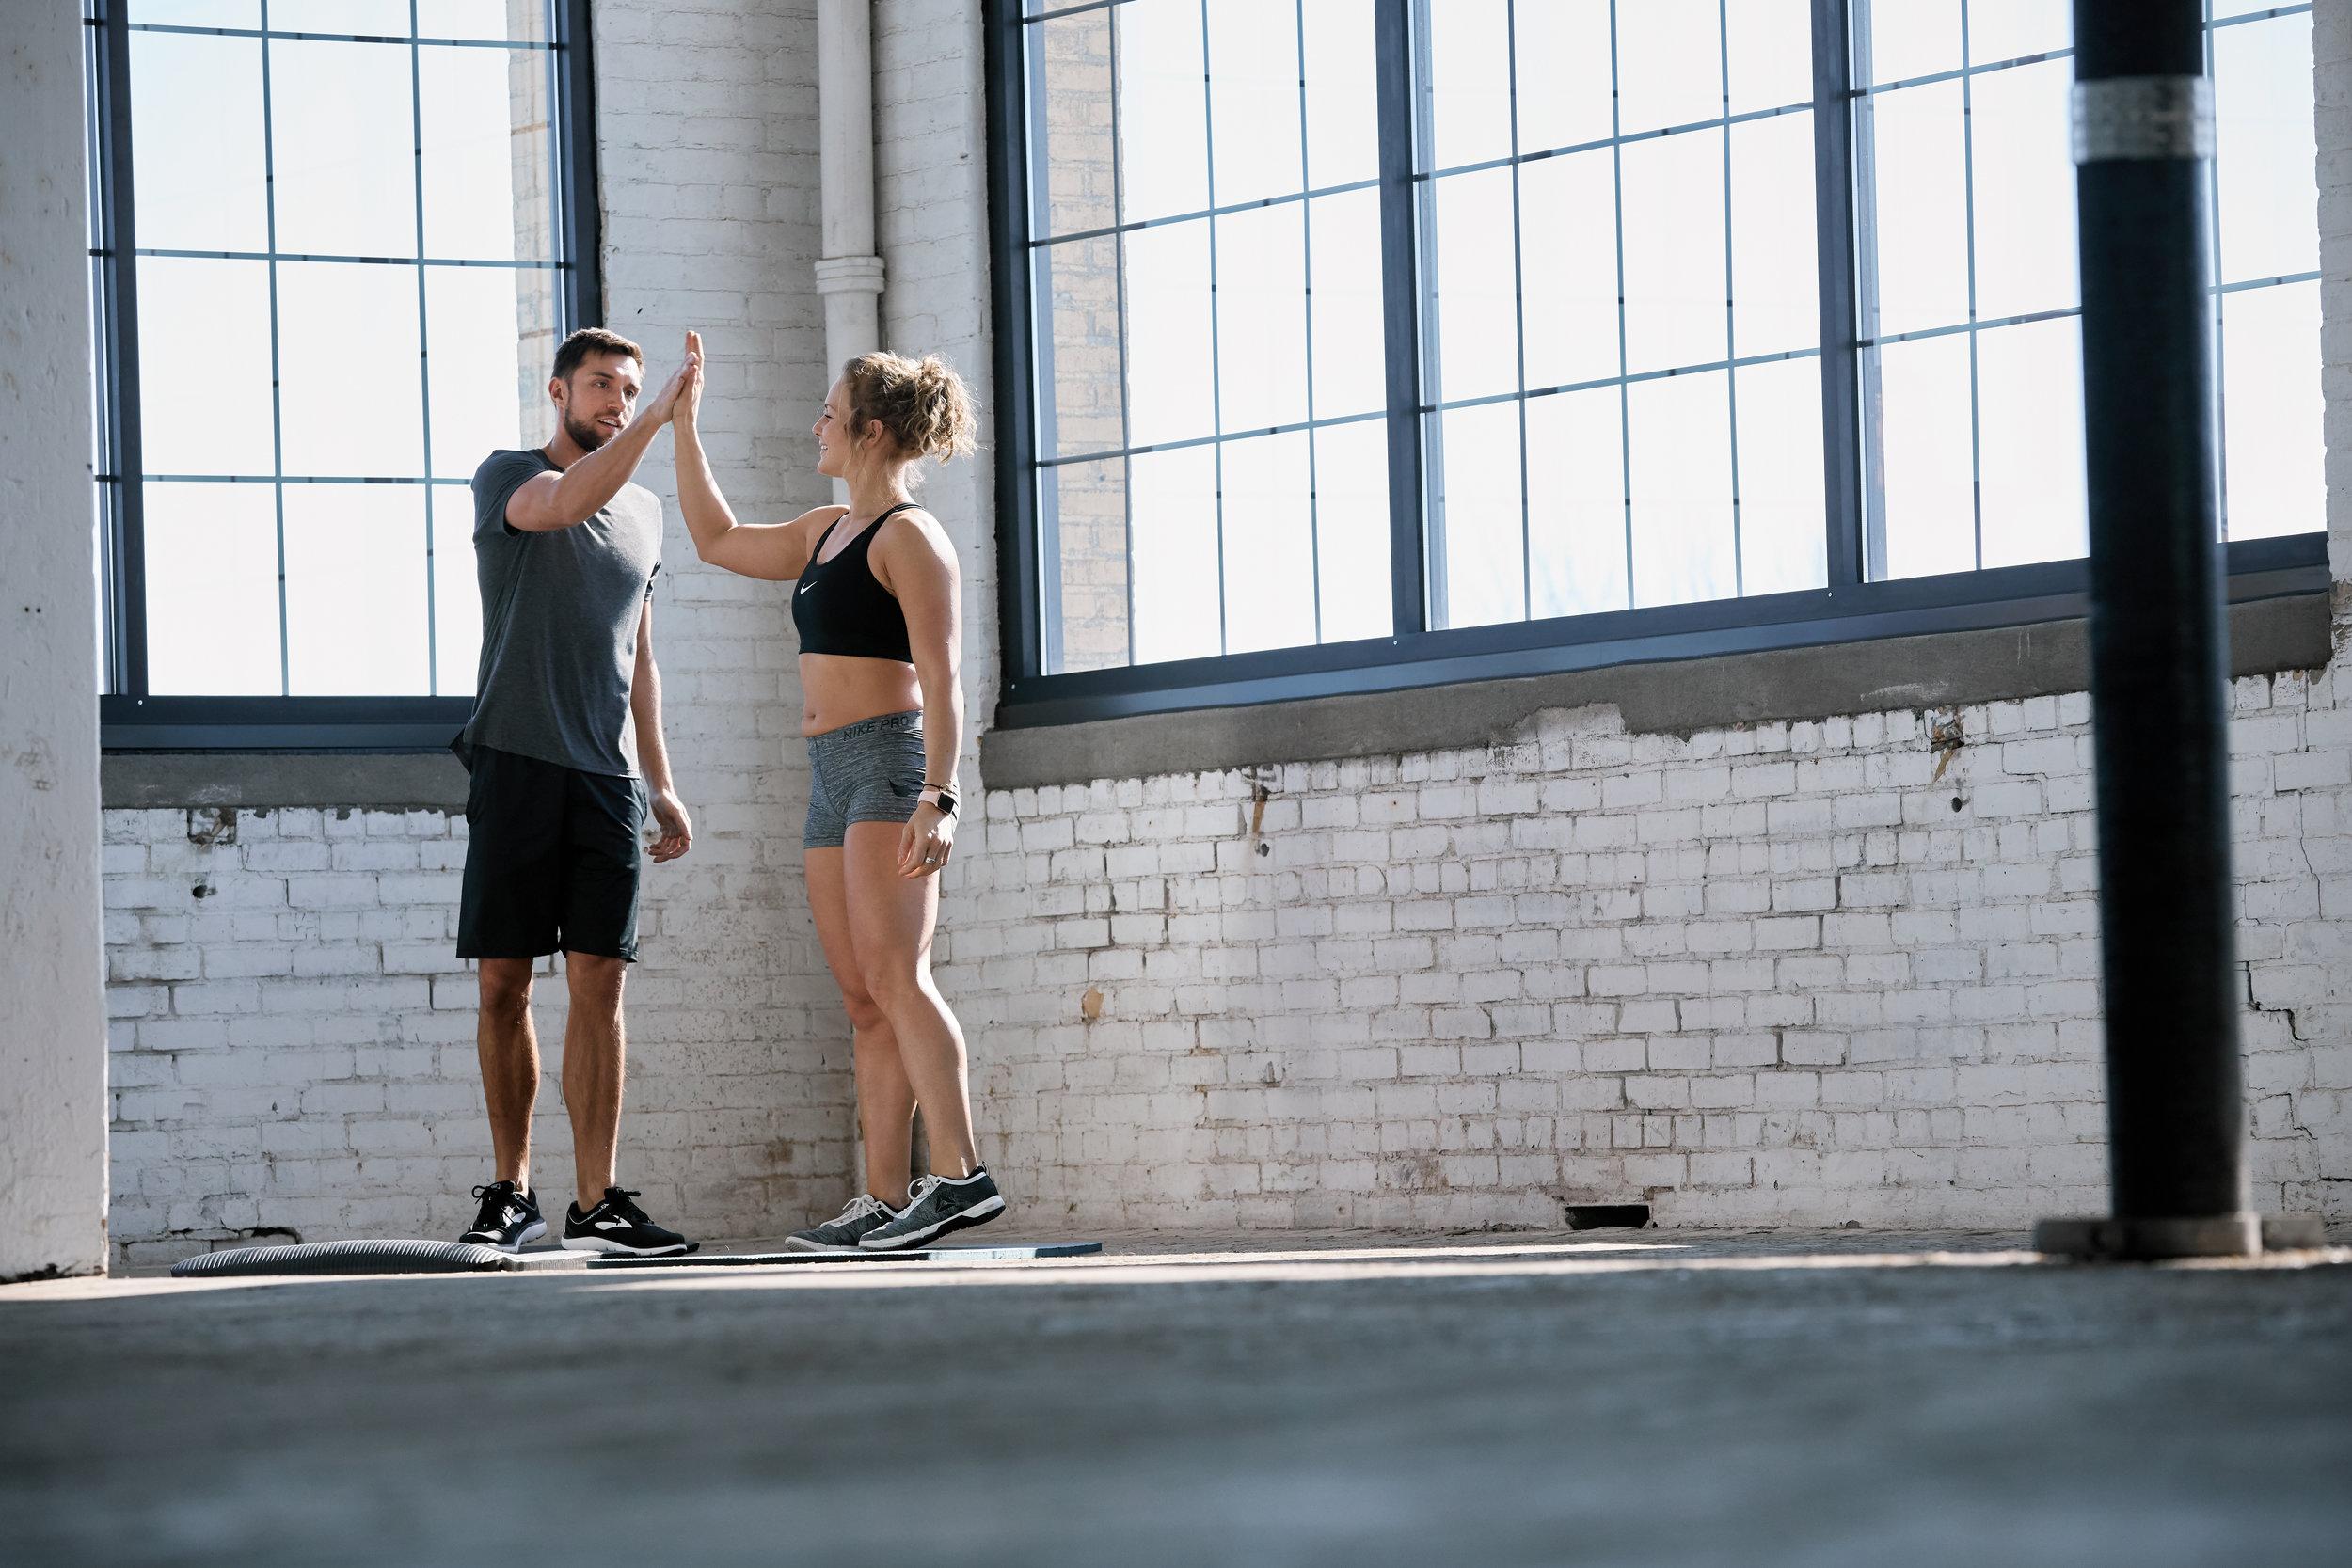 20190219_Fitness_Test_0603.jpg